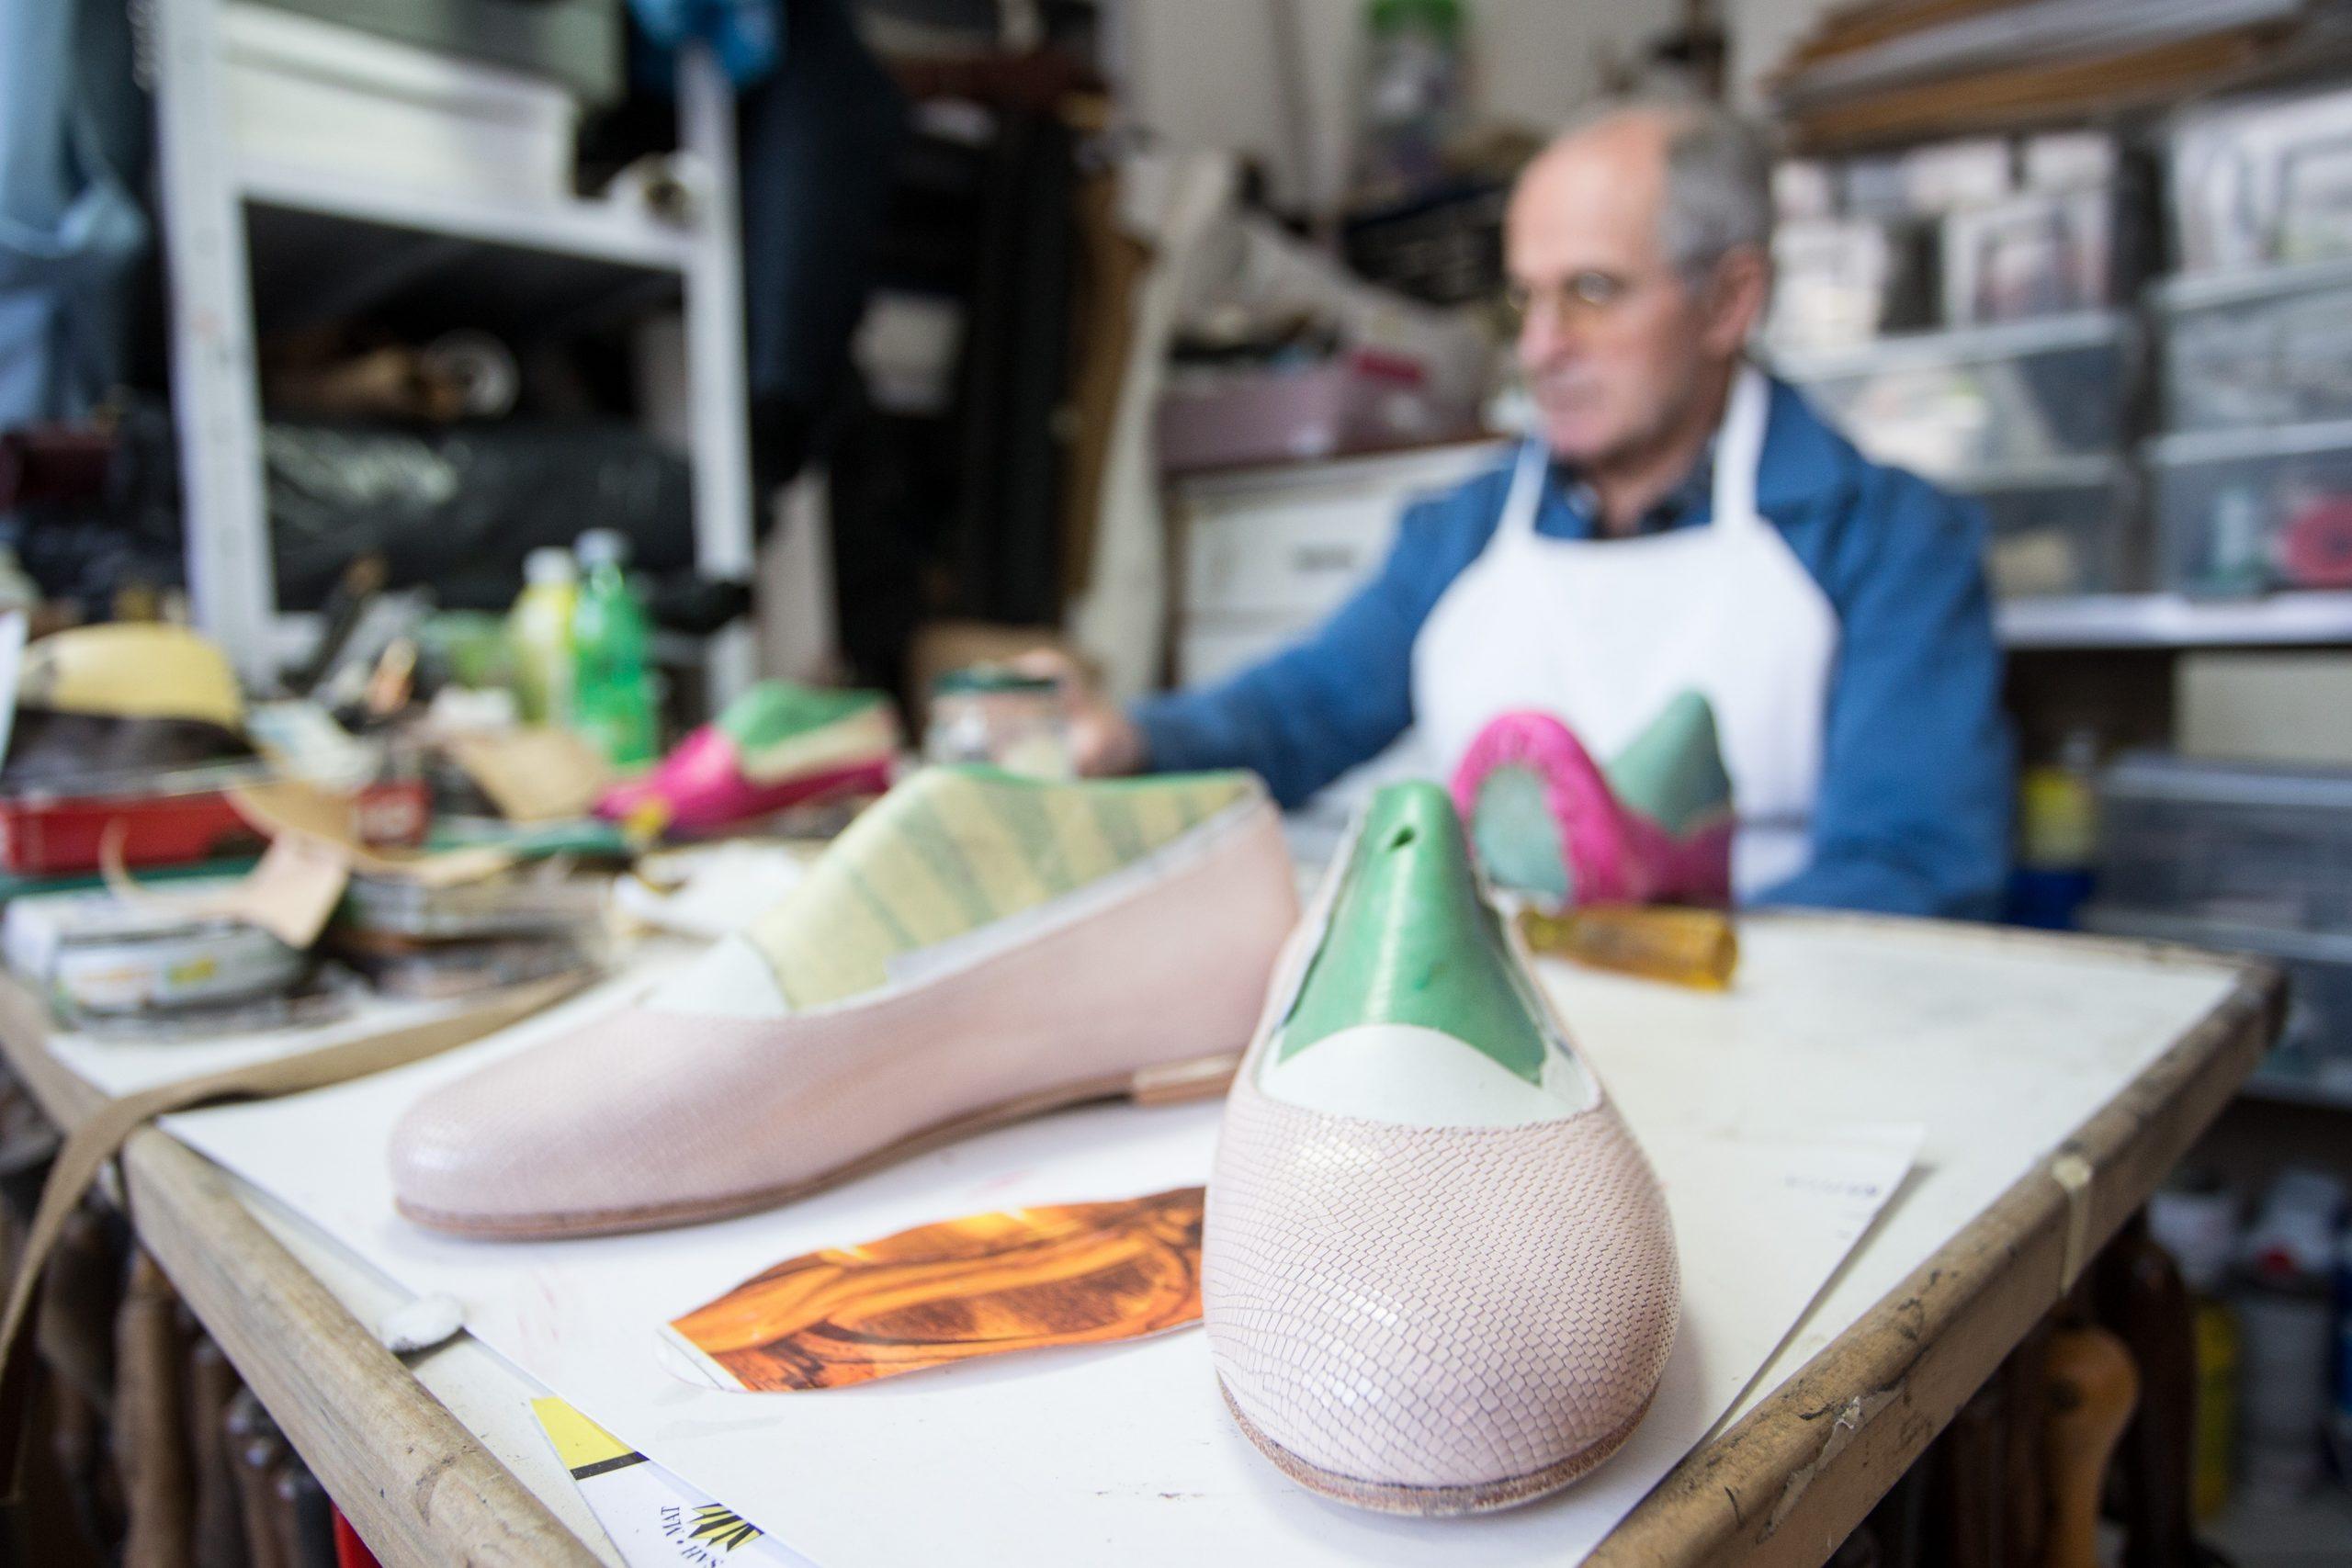 Niži komorski doprinos trebao bi u obrtnika stvoriti osjećaj smanjenja tereta / Foto Davor PUKLAVEC/PIXSELL